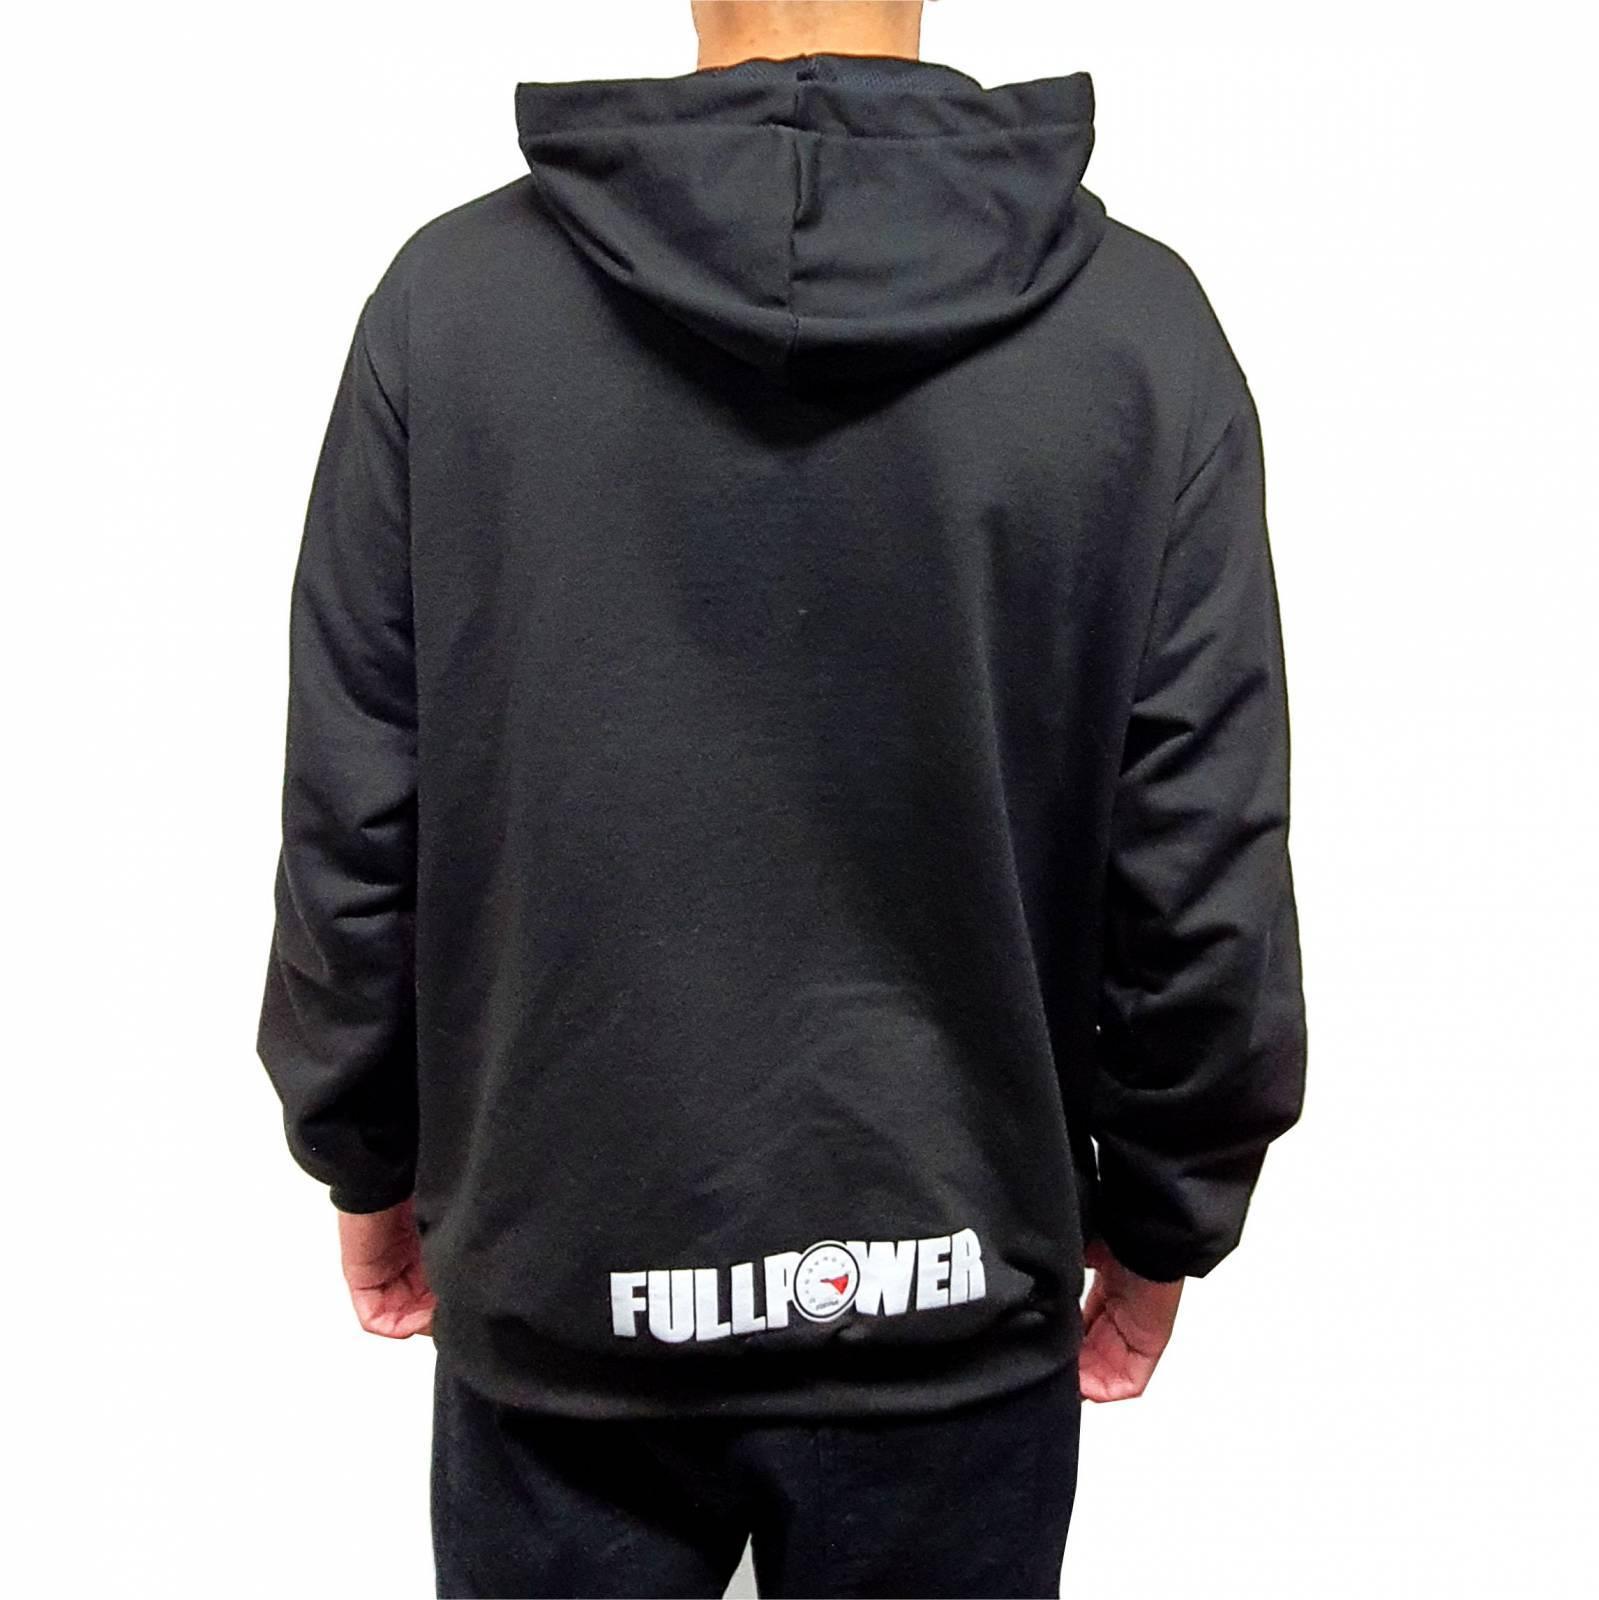 Moletom Masculino Fechado FullPower Caveira Preto - Loja FullPower